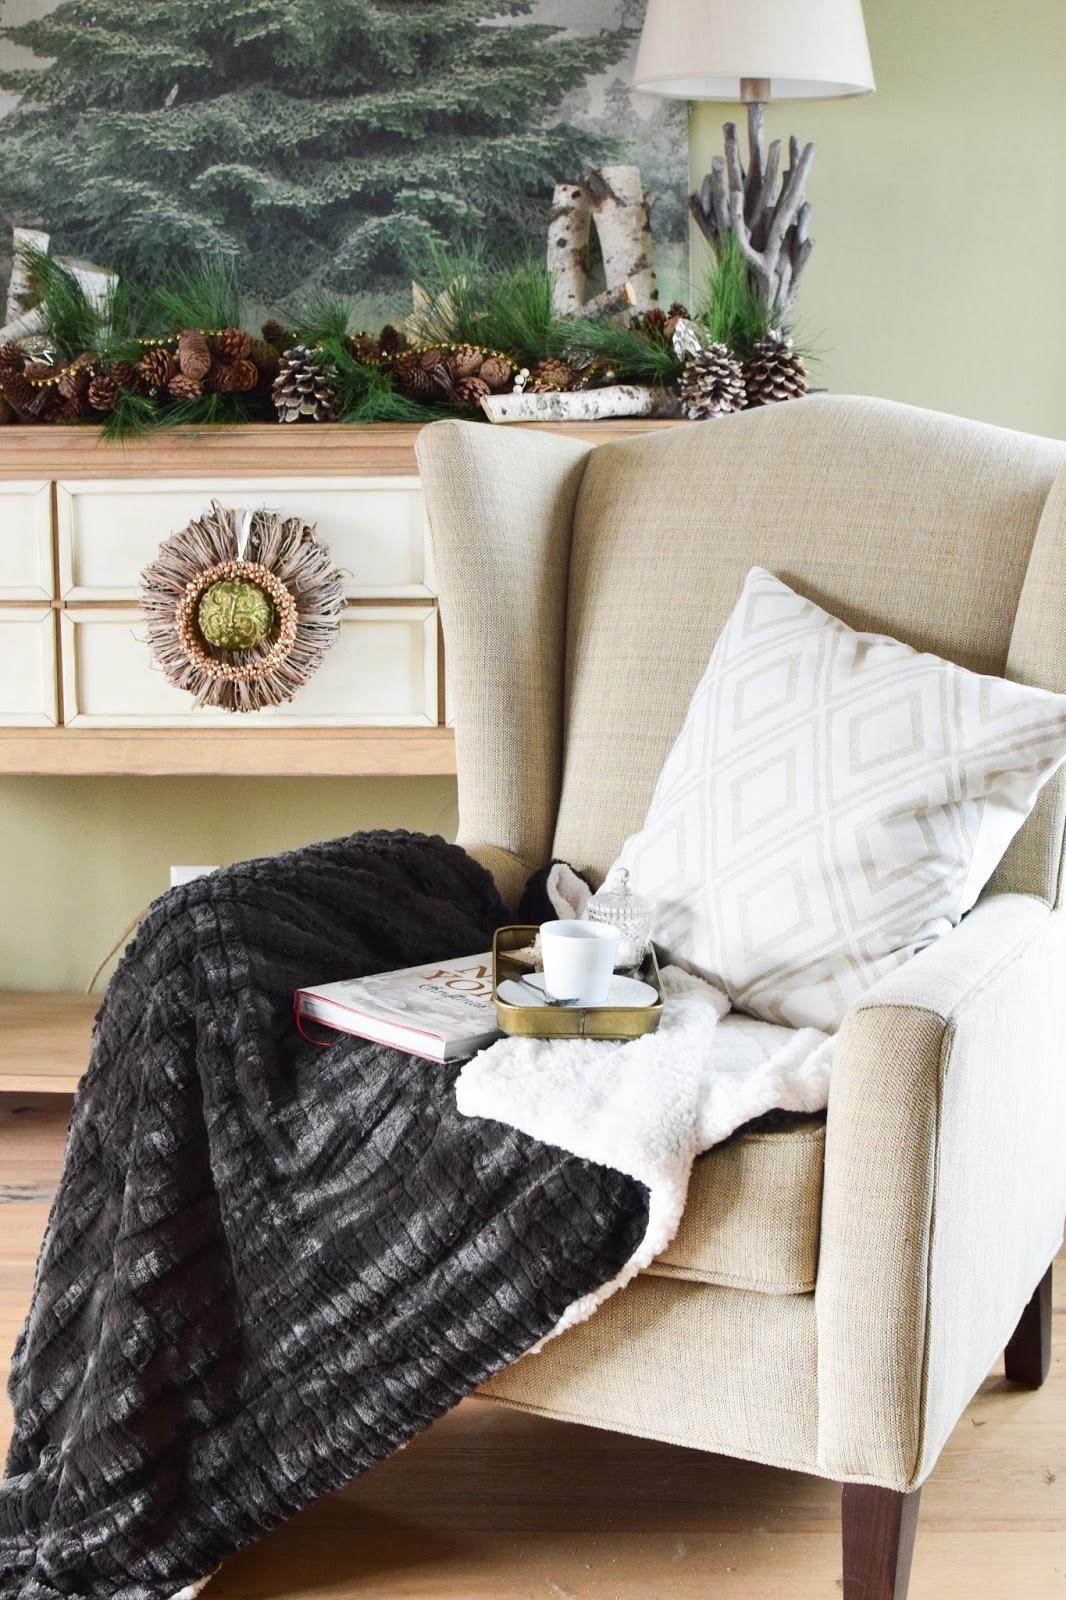 Weihnachtsdeko für Wohnzimmer: Tannenbaum, Weihnachtsbaum, Tannengirlande und Plaid Kuscheldeck von Erwin Müller / Werbung. Dekoidee, Deko, Dekoration, Interior, weihnachtlich, festlich